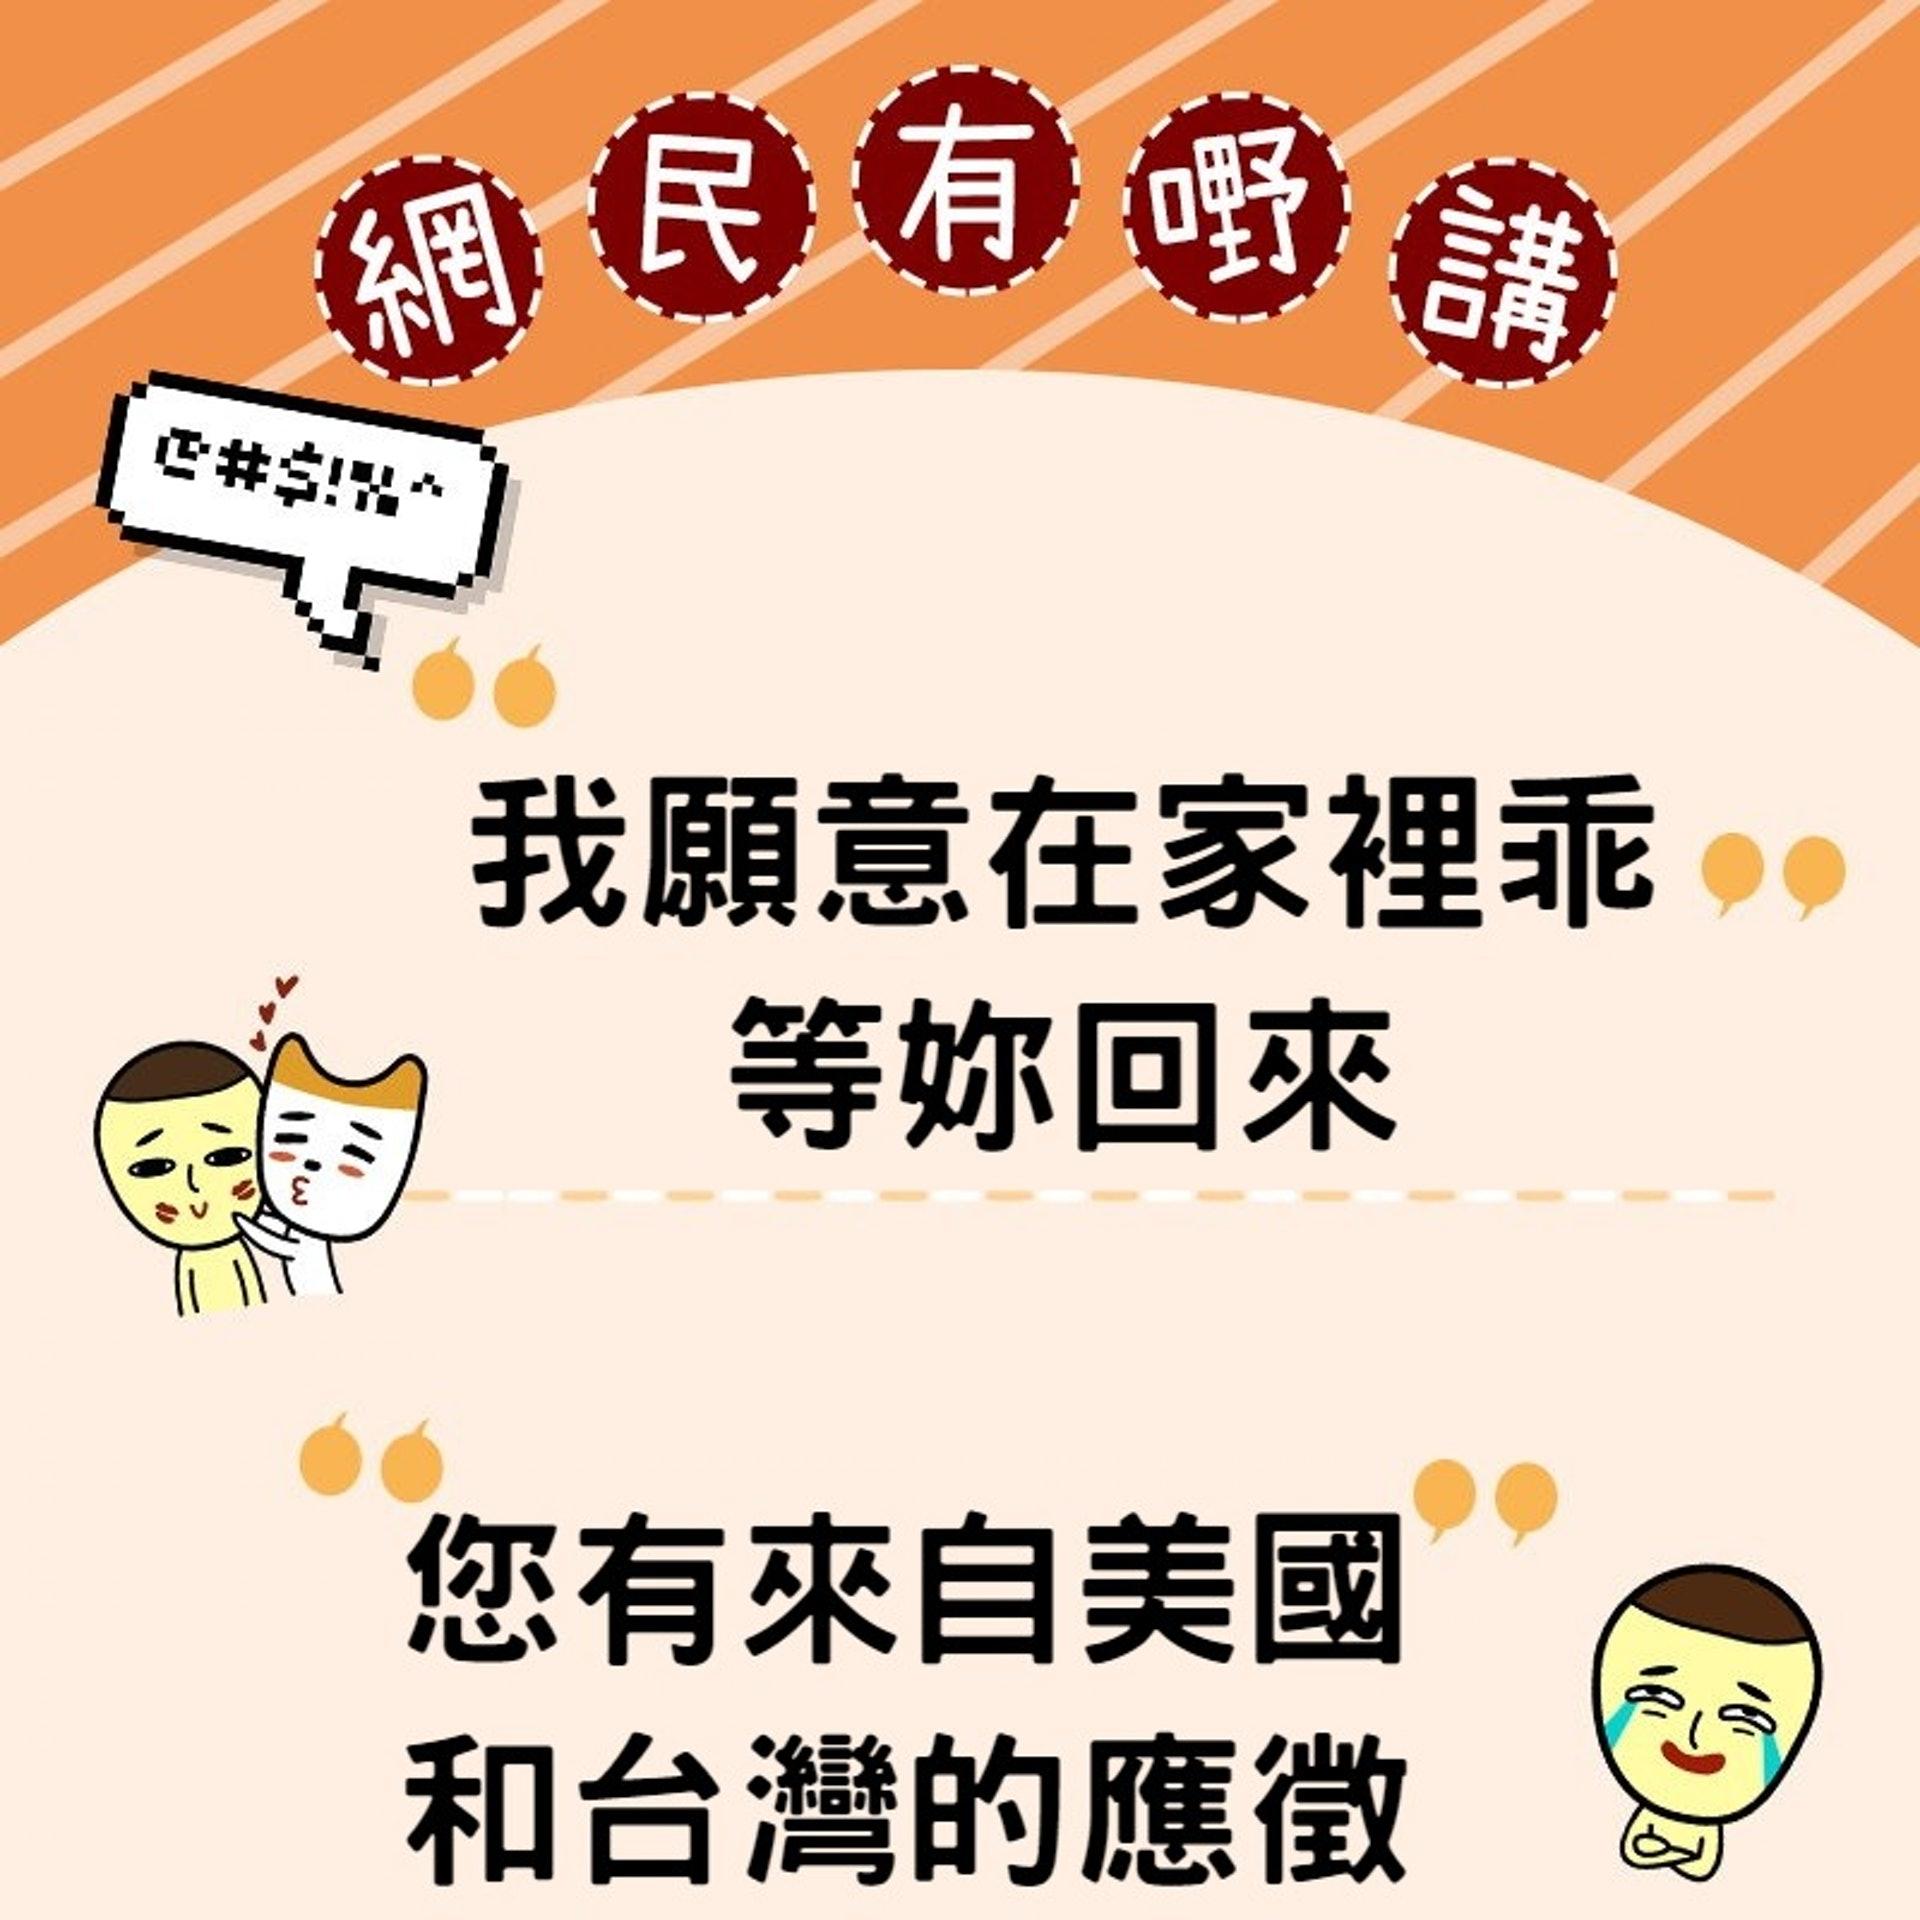 「我願意在家裡乖等妳回來」,「您有來自美國和台灣的應徵」(香港01製圖)